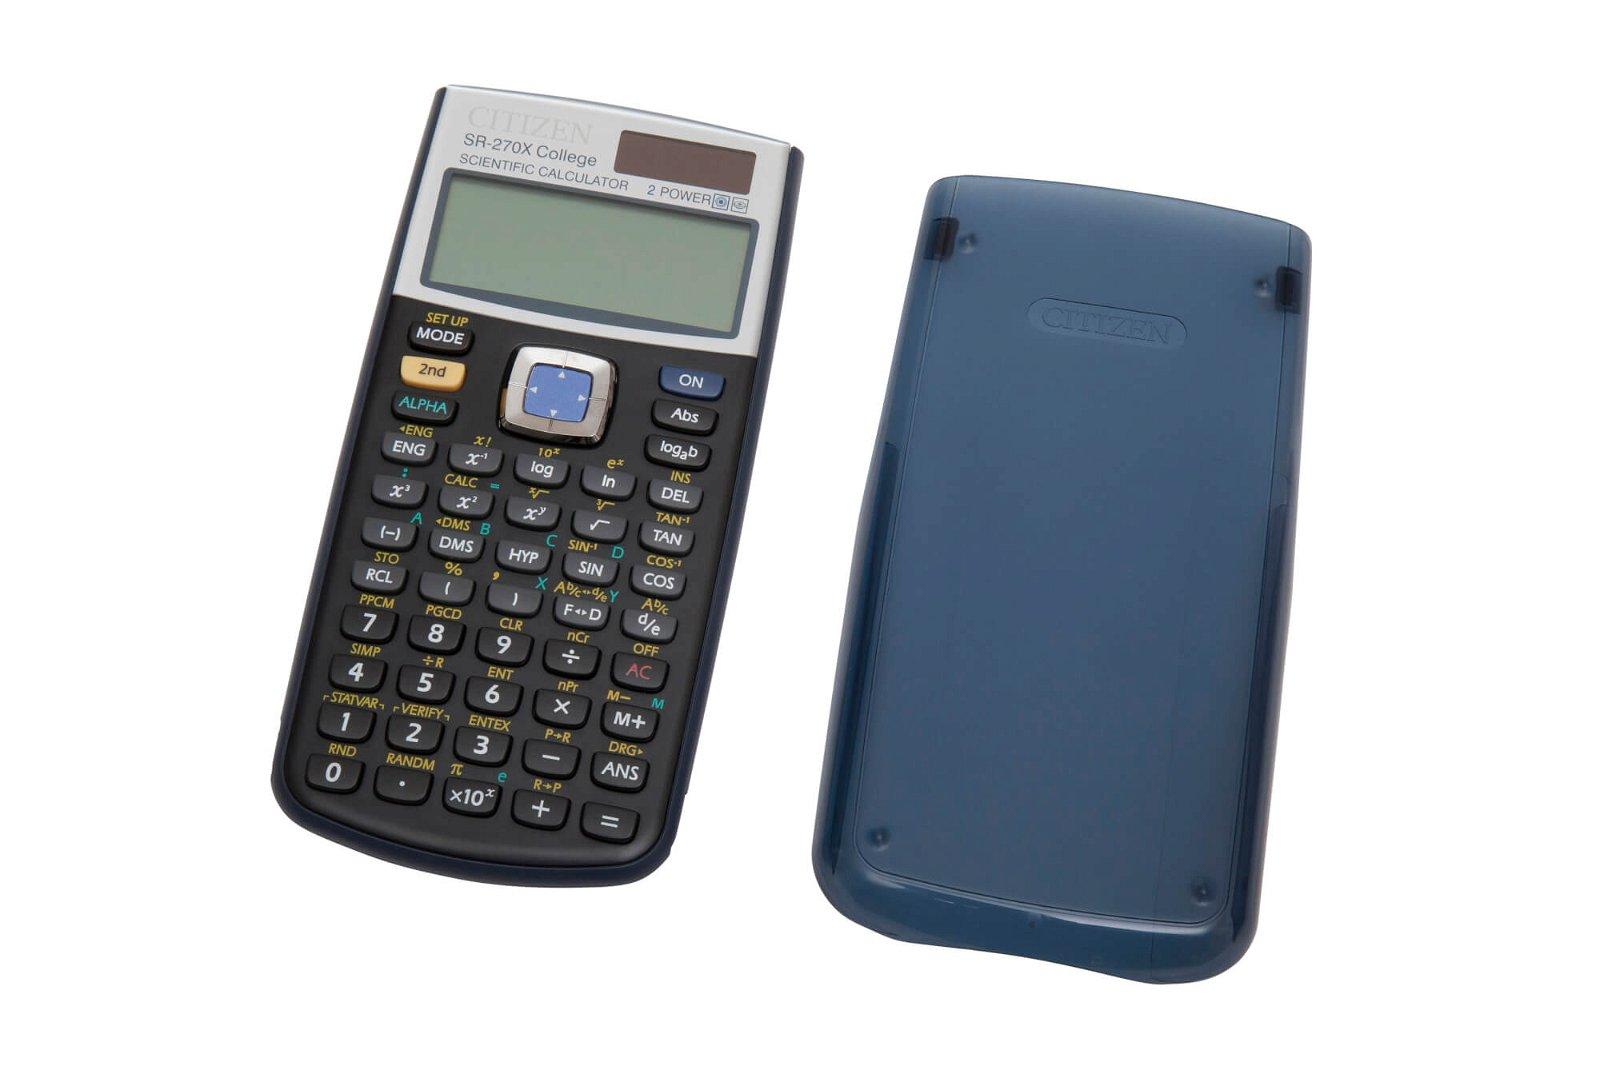 Tischrechner SR-270X College, blau